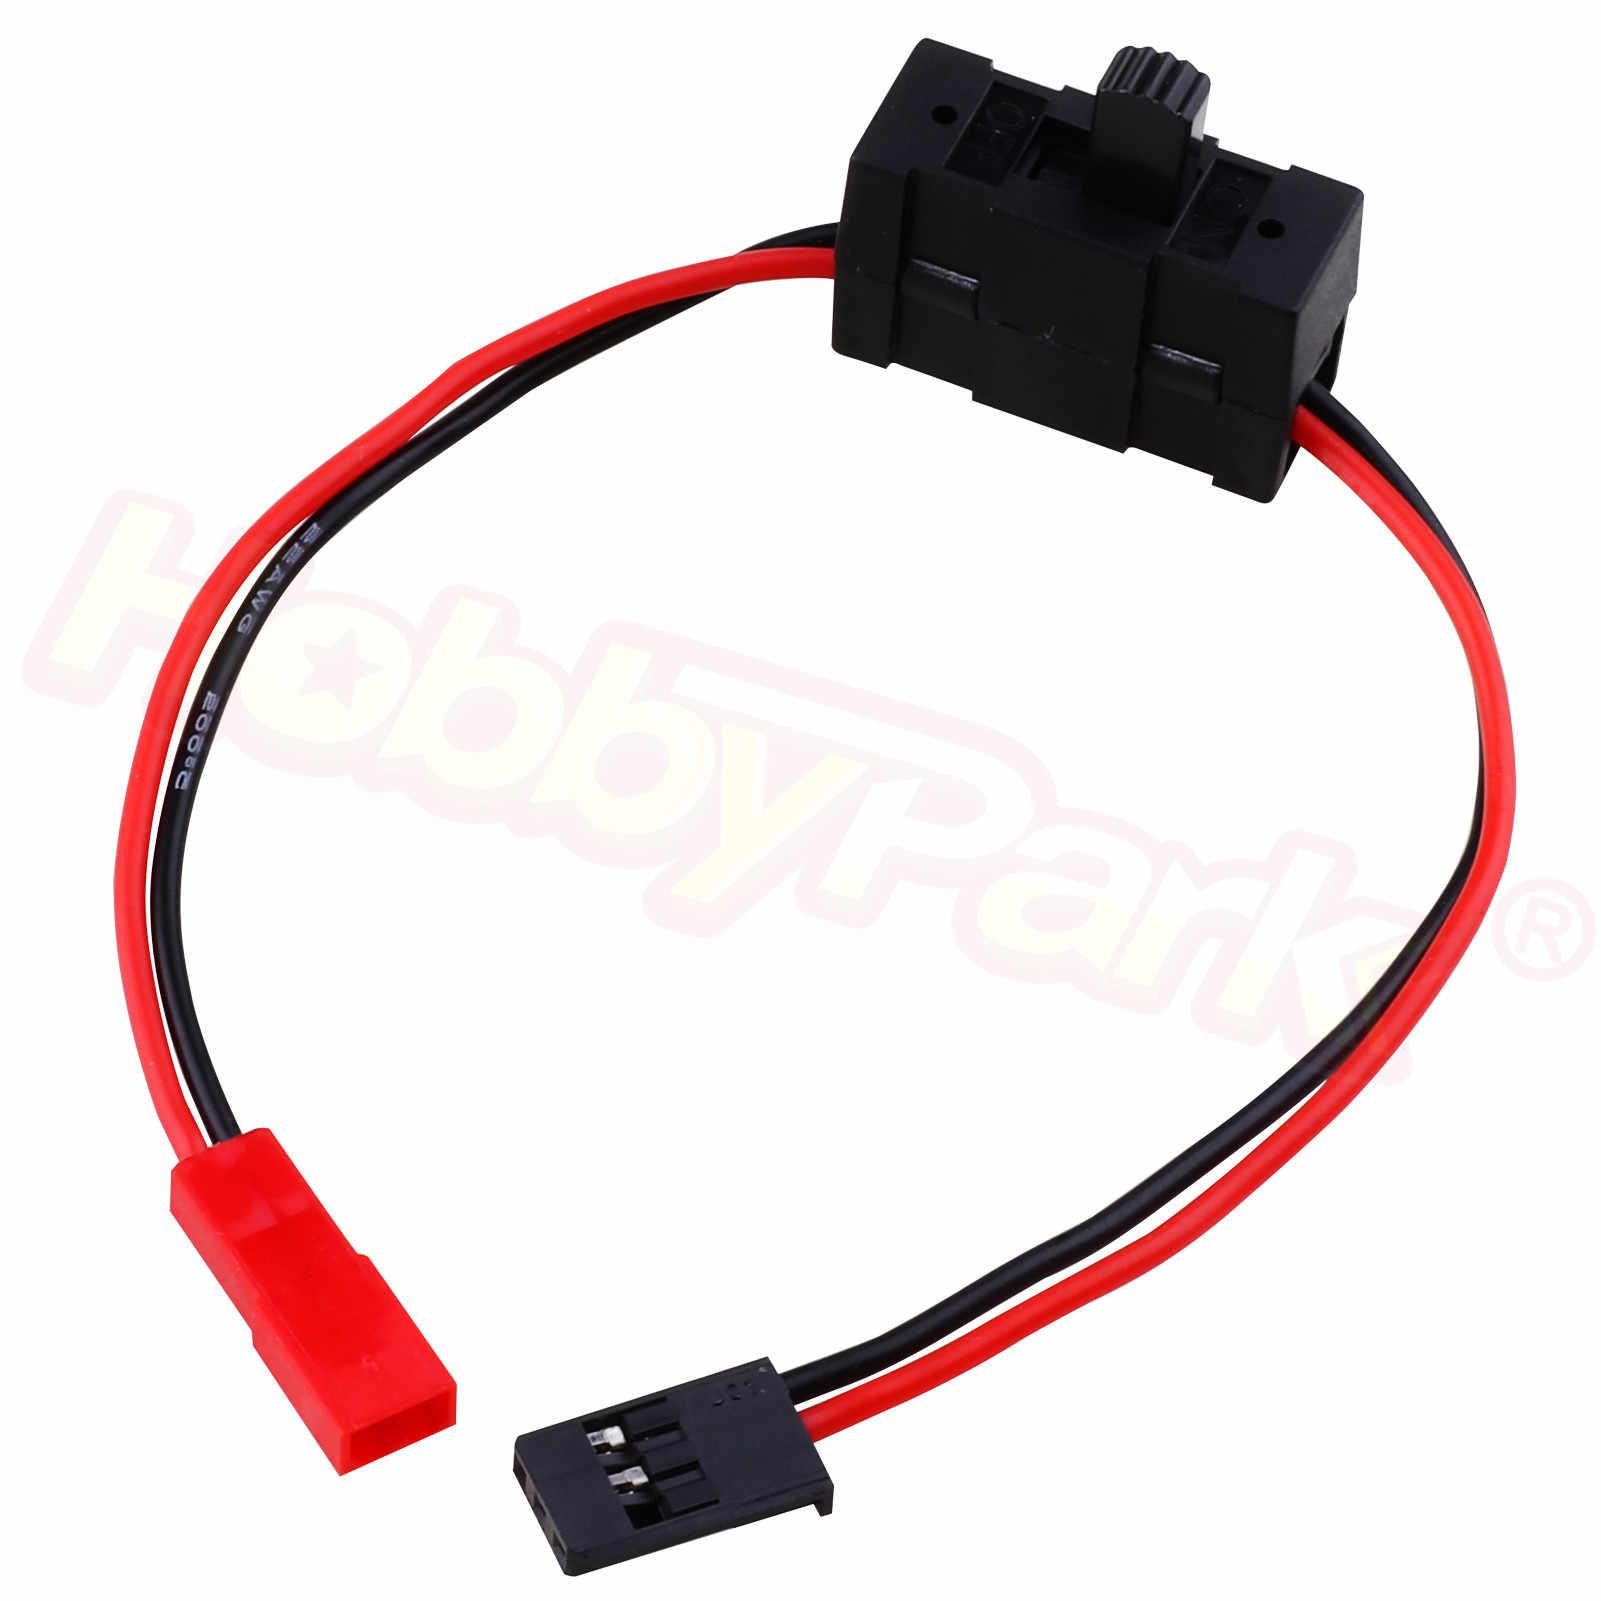 02050 HSP 1/10 части вкл/выкл JST разъем приемник переключатель 4WD Nitro power RC автомобиль